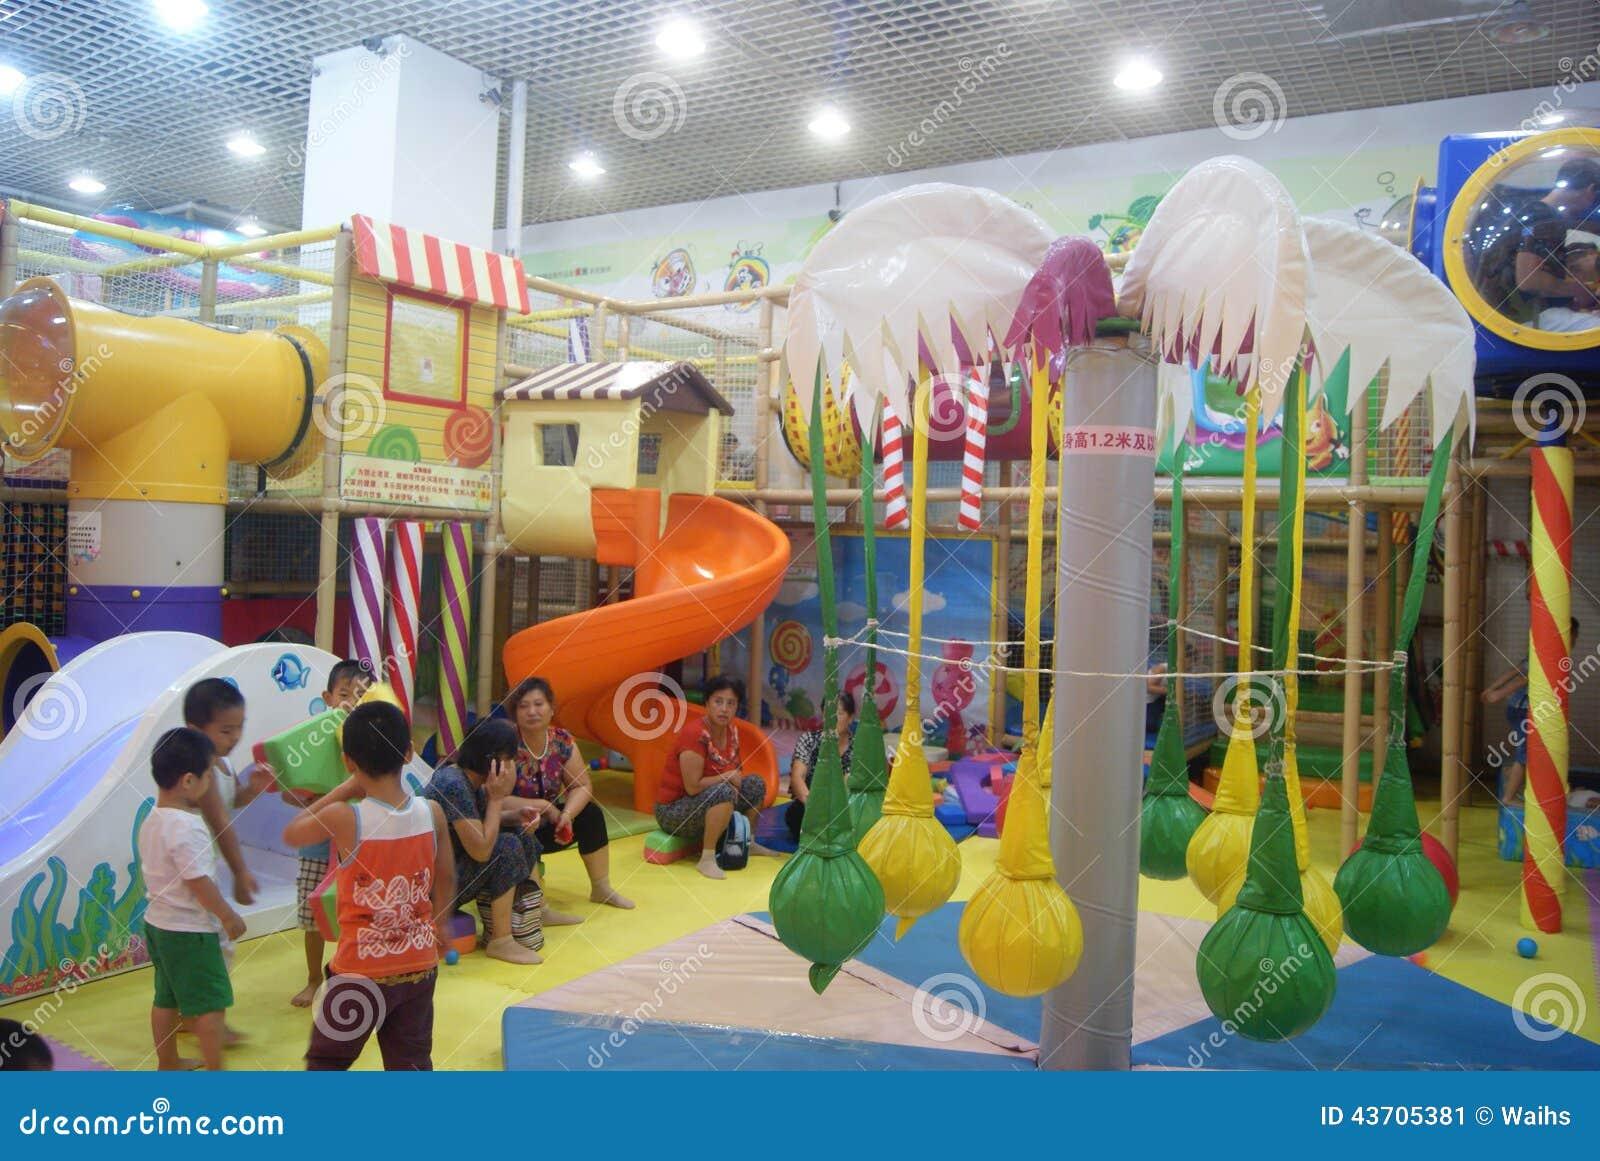 Shenzhen China Children S Recreation Center Editorial